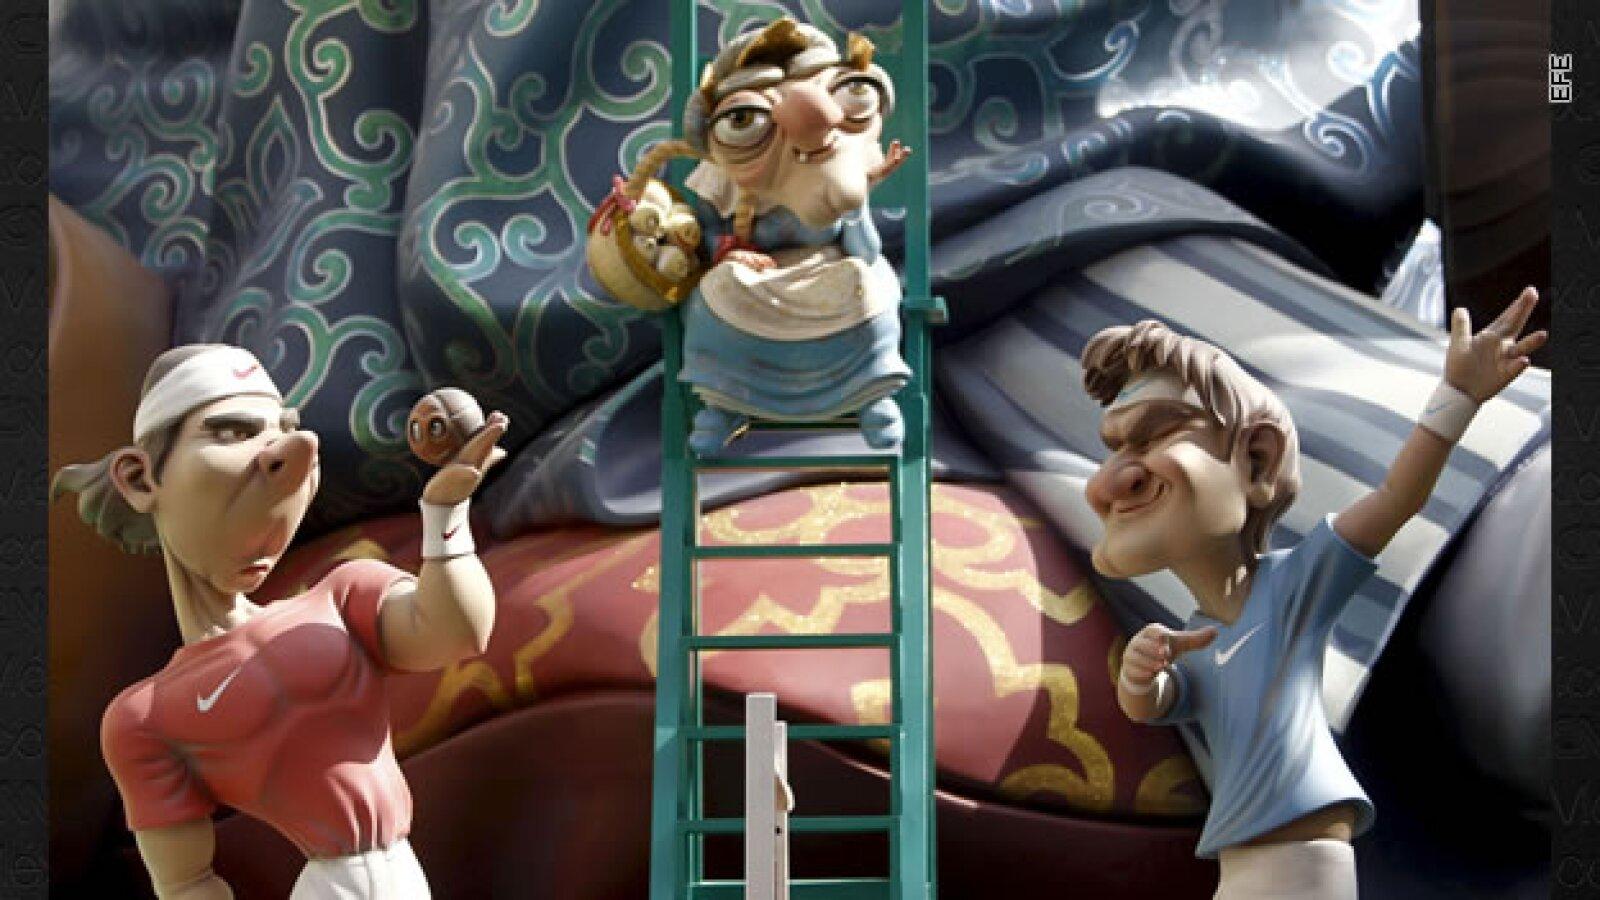 Caricaturas de cartón satirizan la realidad española y mundial en Valencia